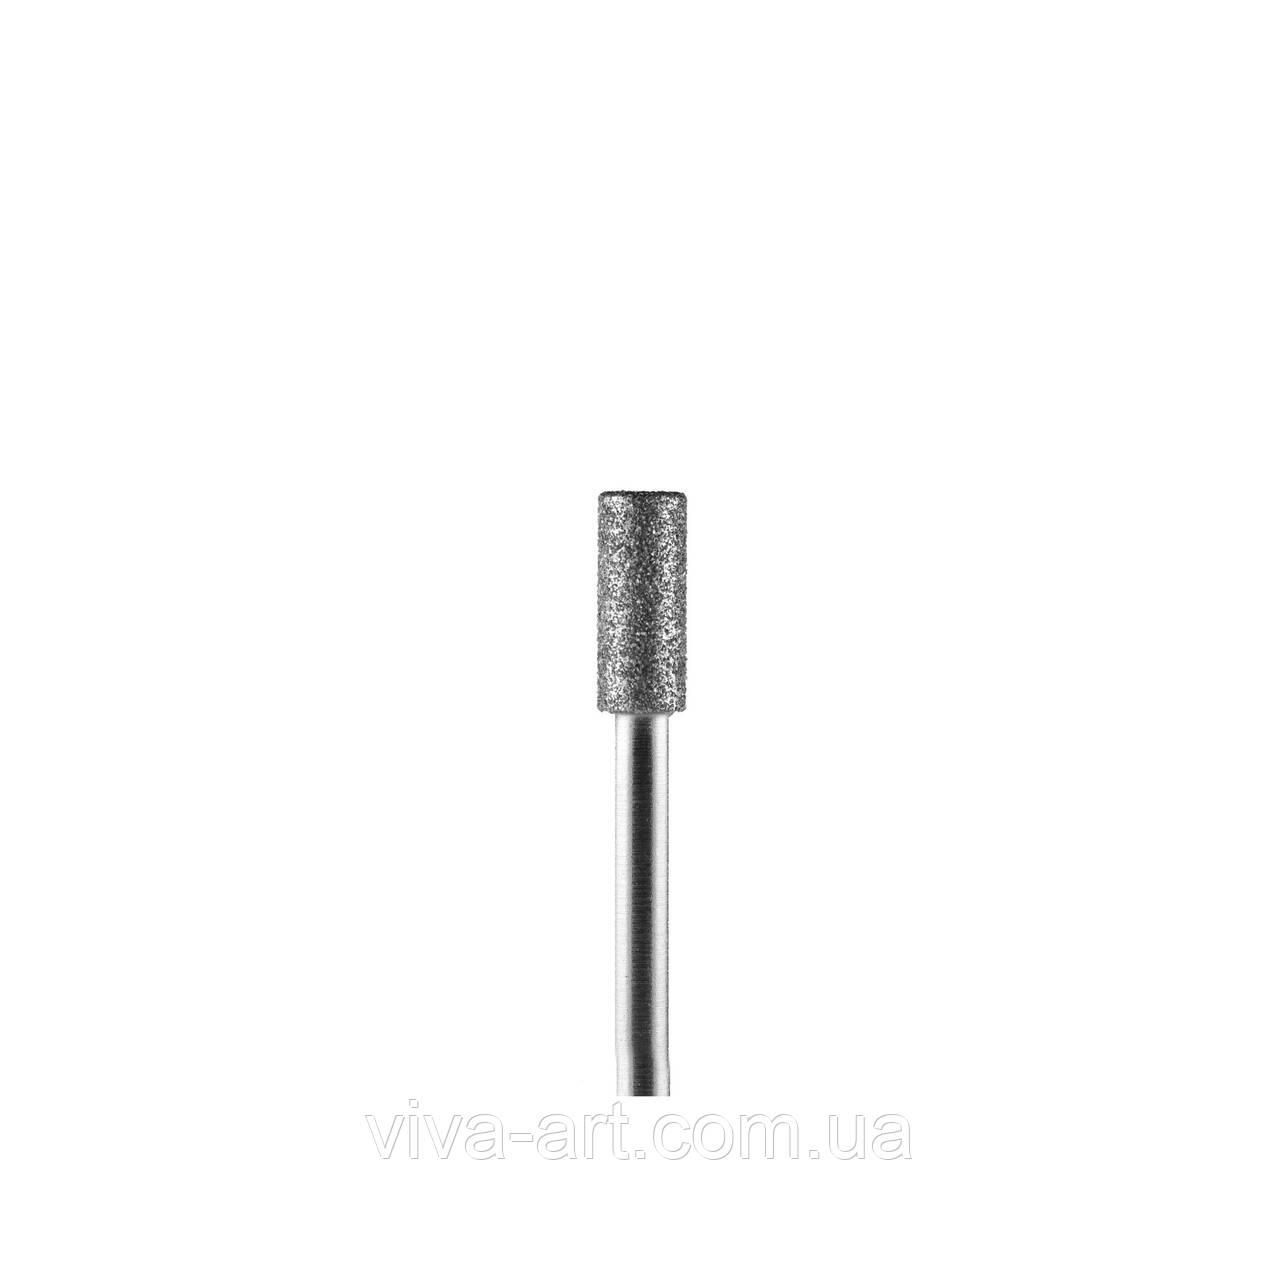 Алмазная насадка цилиндр, 3.3 мм, средний абразив, Diaswiss (Швейцария)